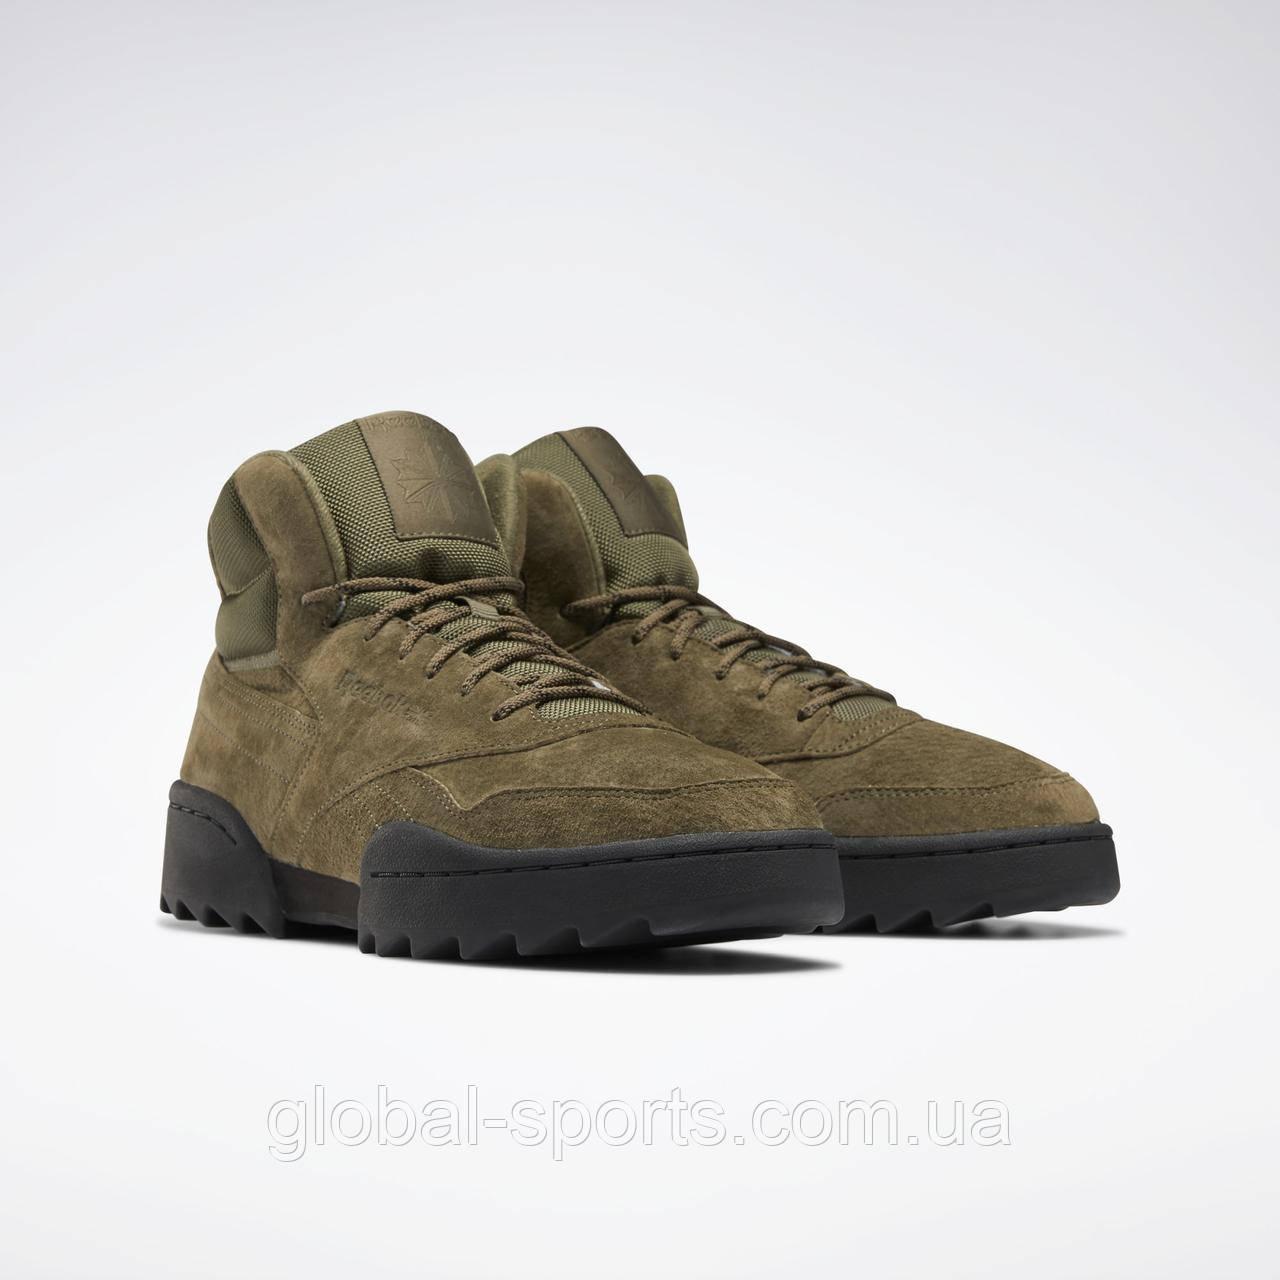 Чоловічі кросівки Reebok Exofit Hi Plus Ripple(Артикул:FU9127)